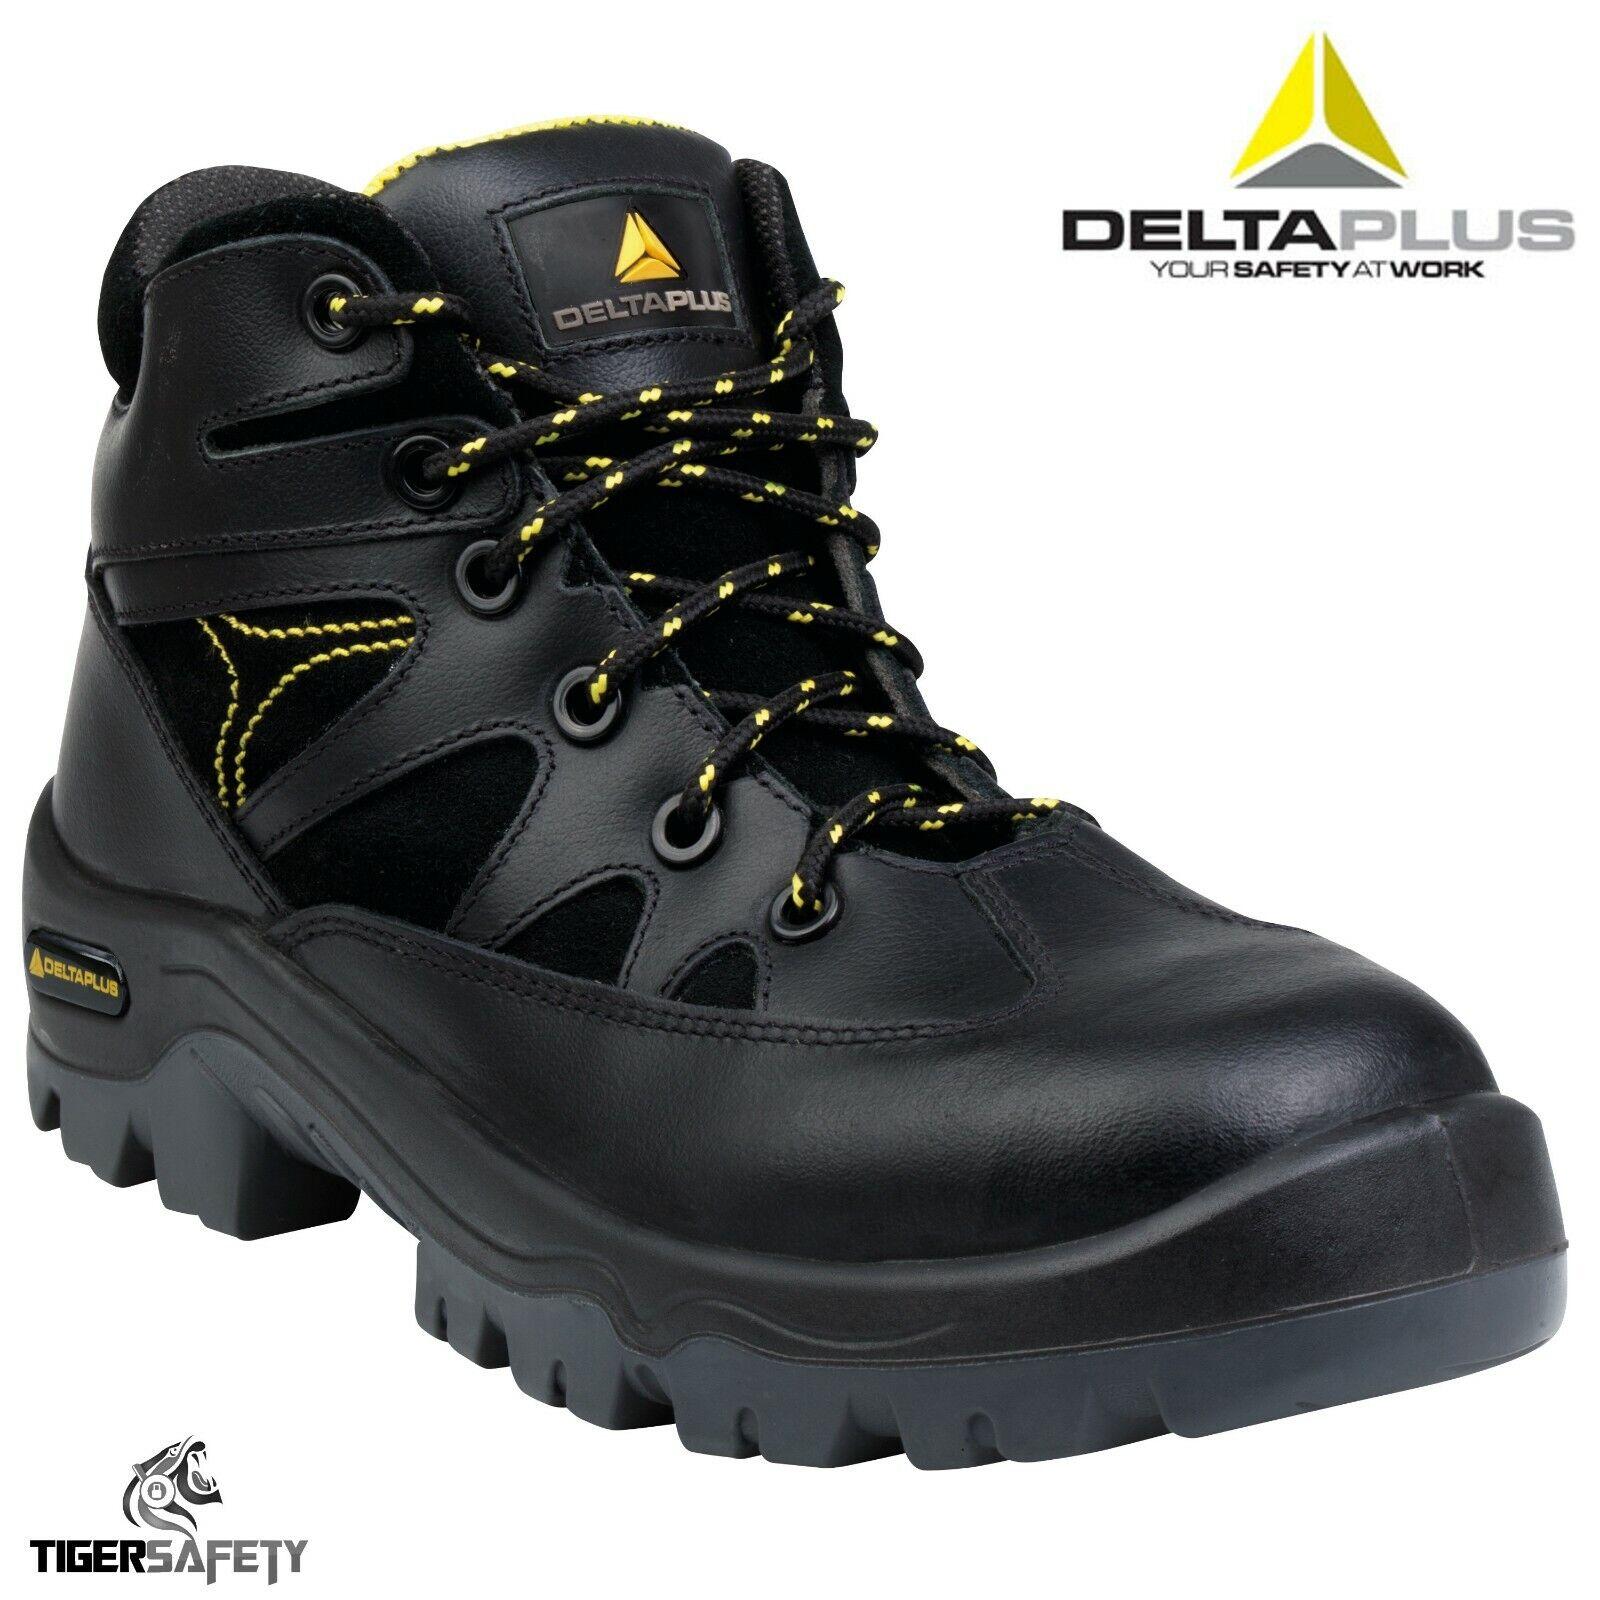 Delta Plus Ohio 3 S3 Negro Cuero Puntera Composite botas de seguridad libres de metal PPE